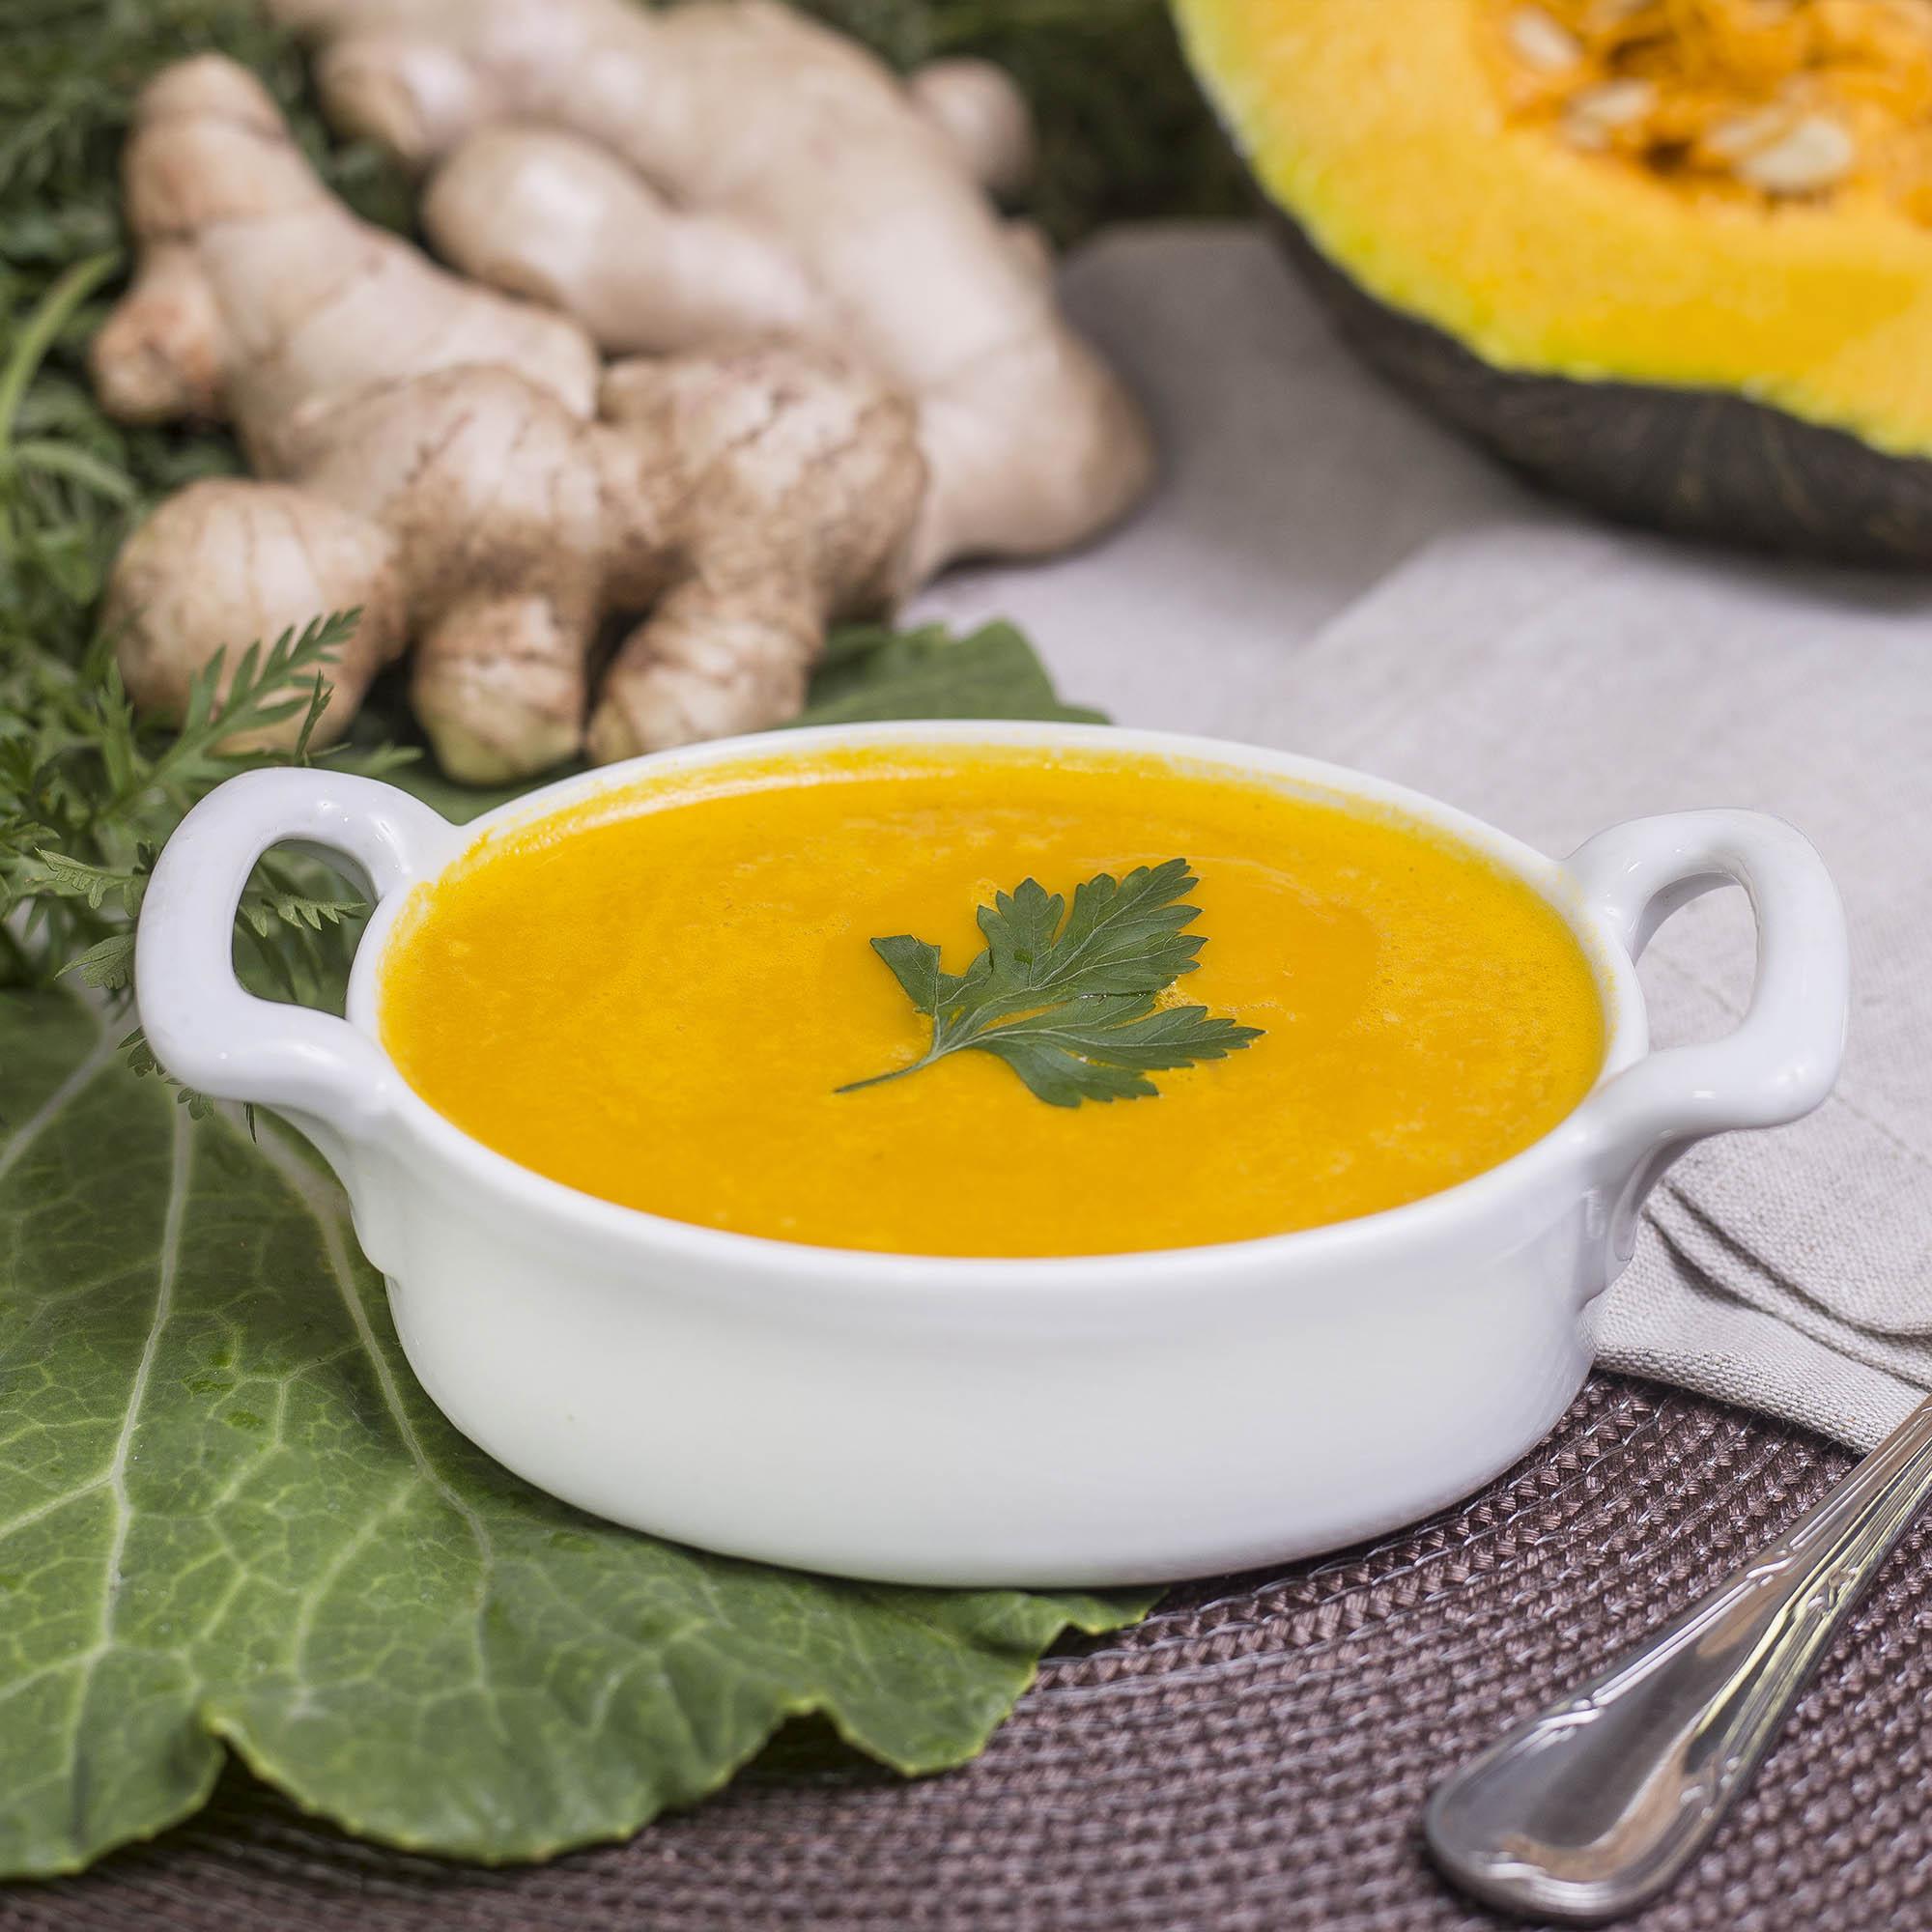 Almoço e Jantar Vegetariano - 1 Semana